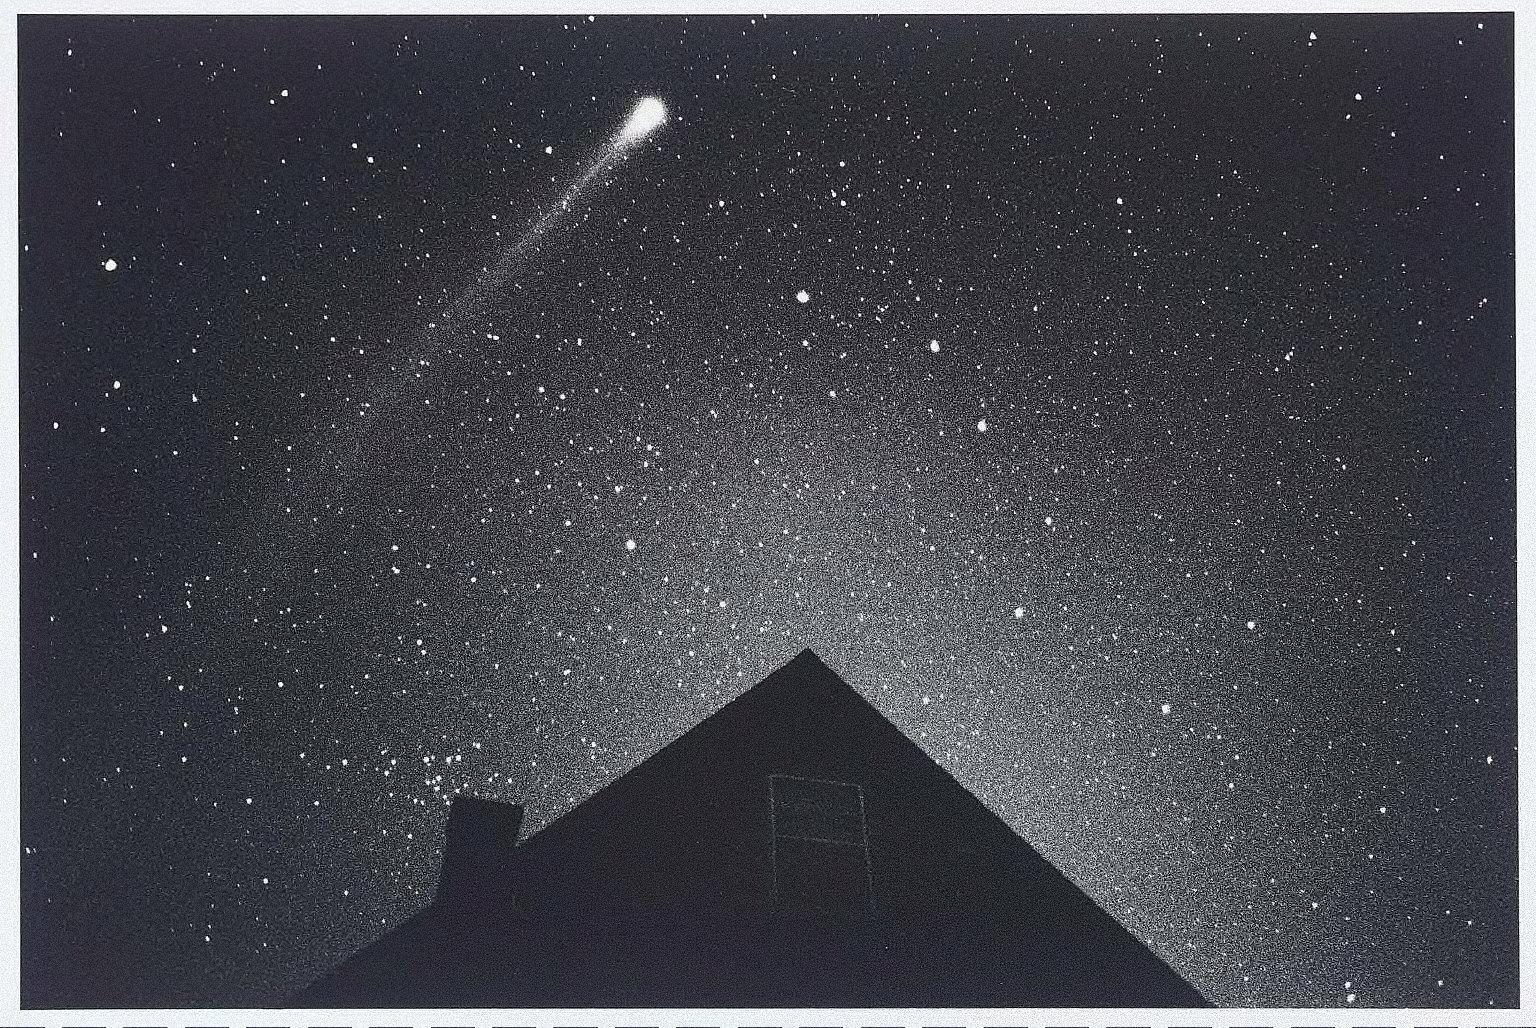 Comet Hyakutake Edgartown, MA